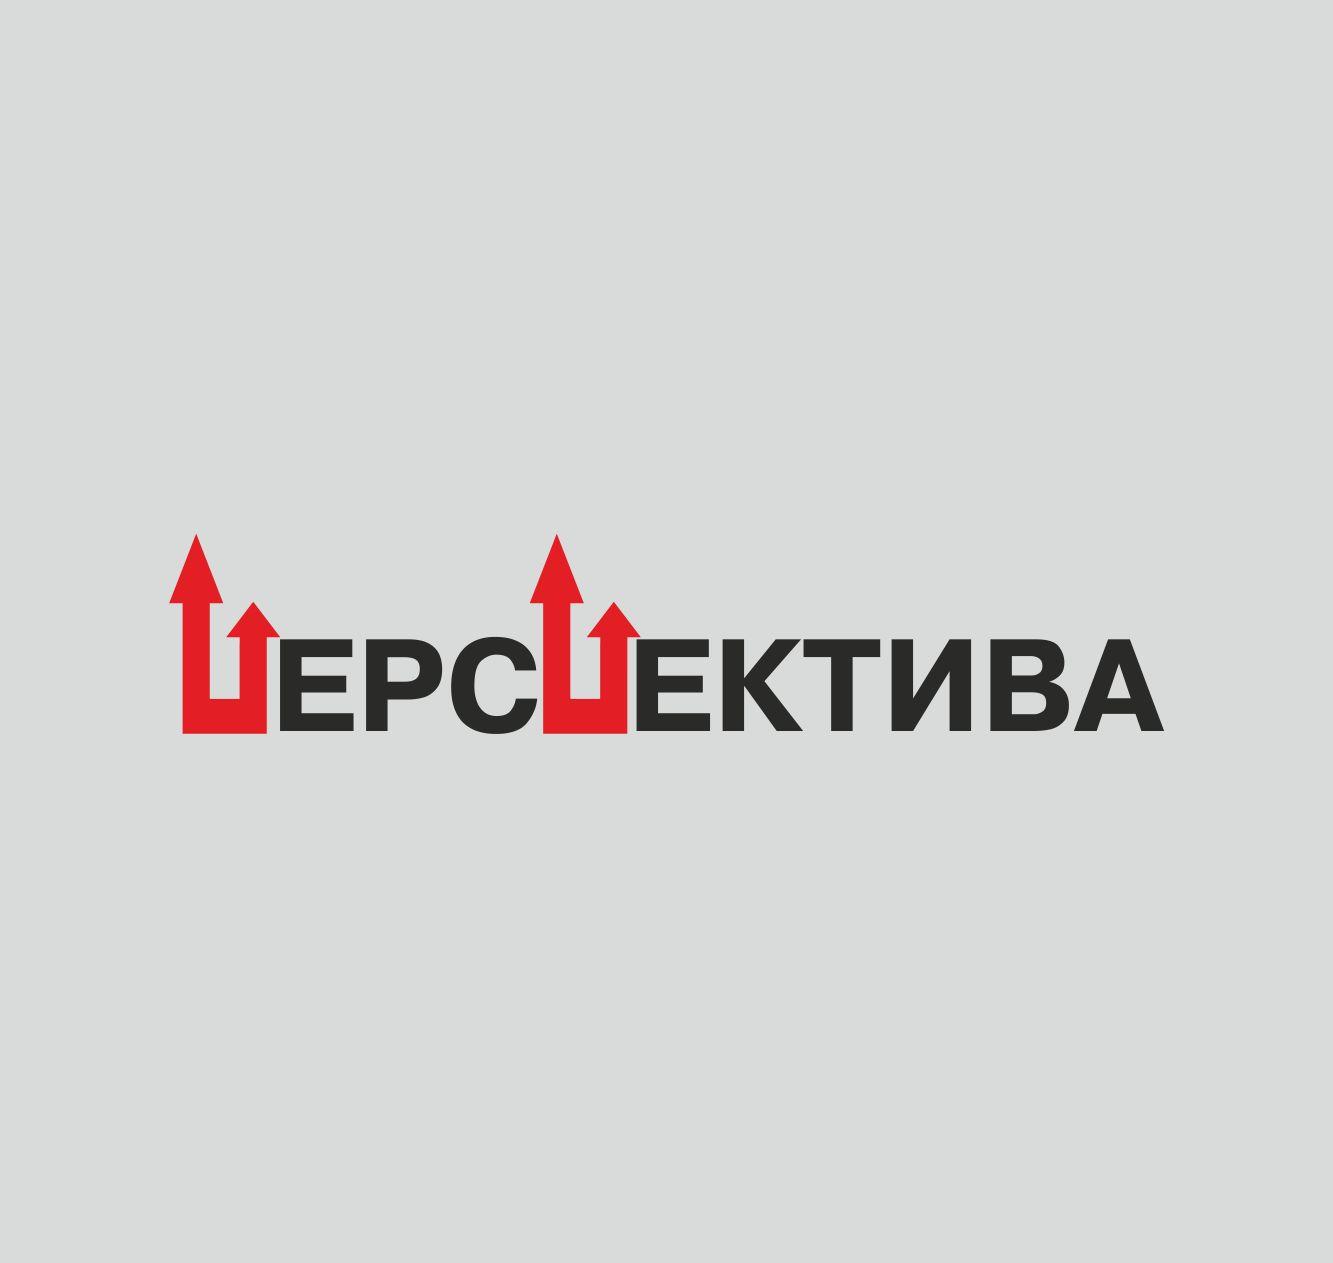 Логотип для компании  - дизайнер Preator86